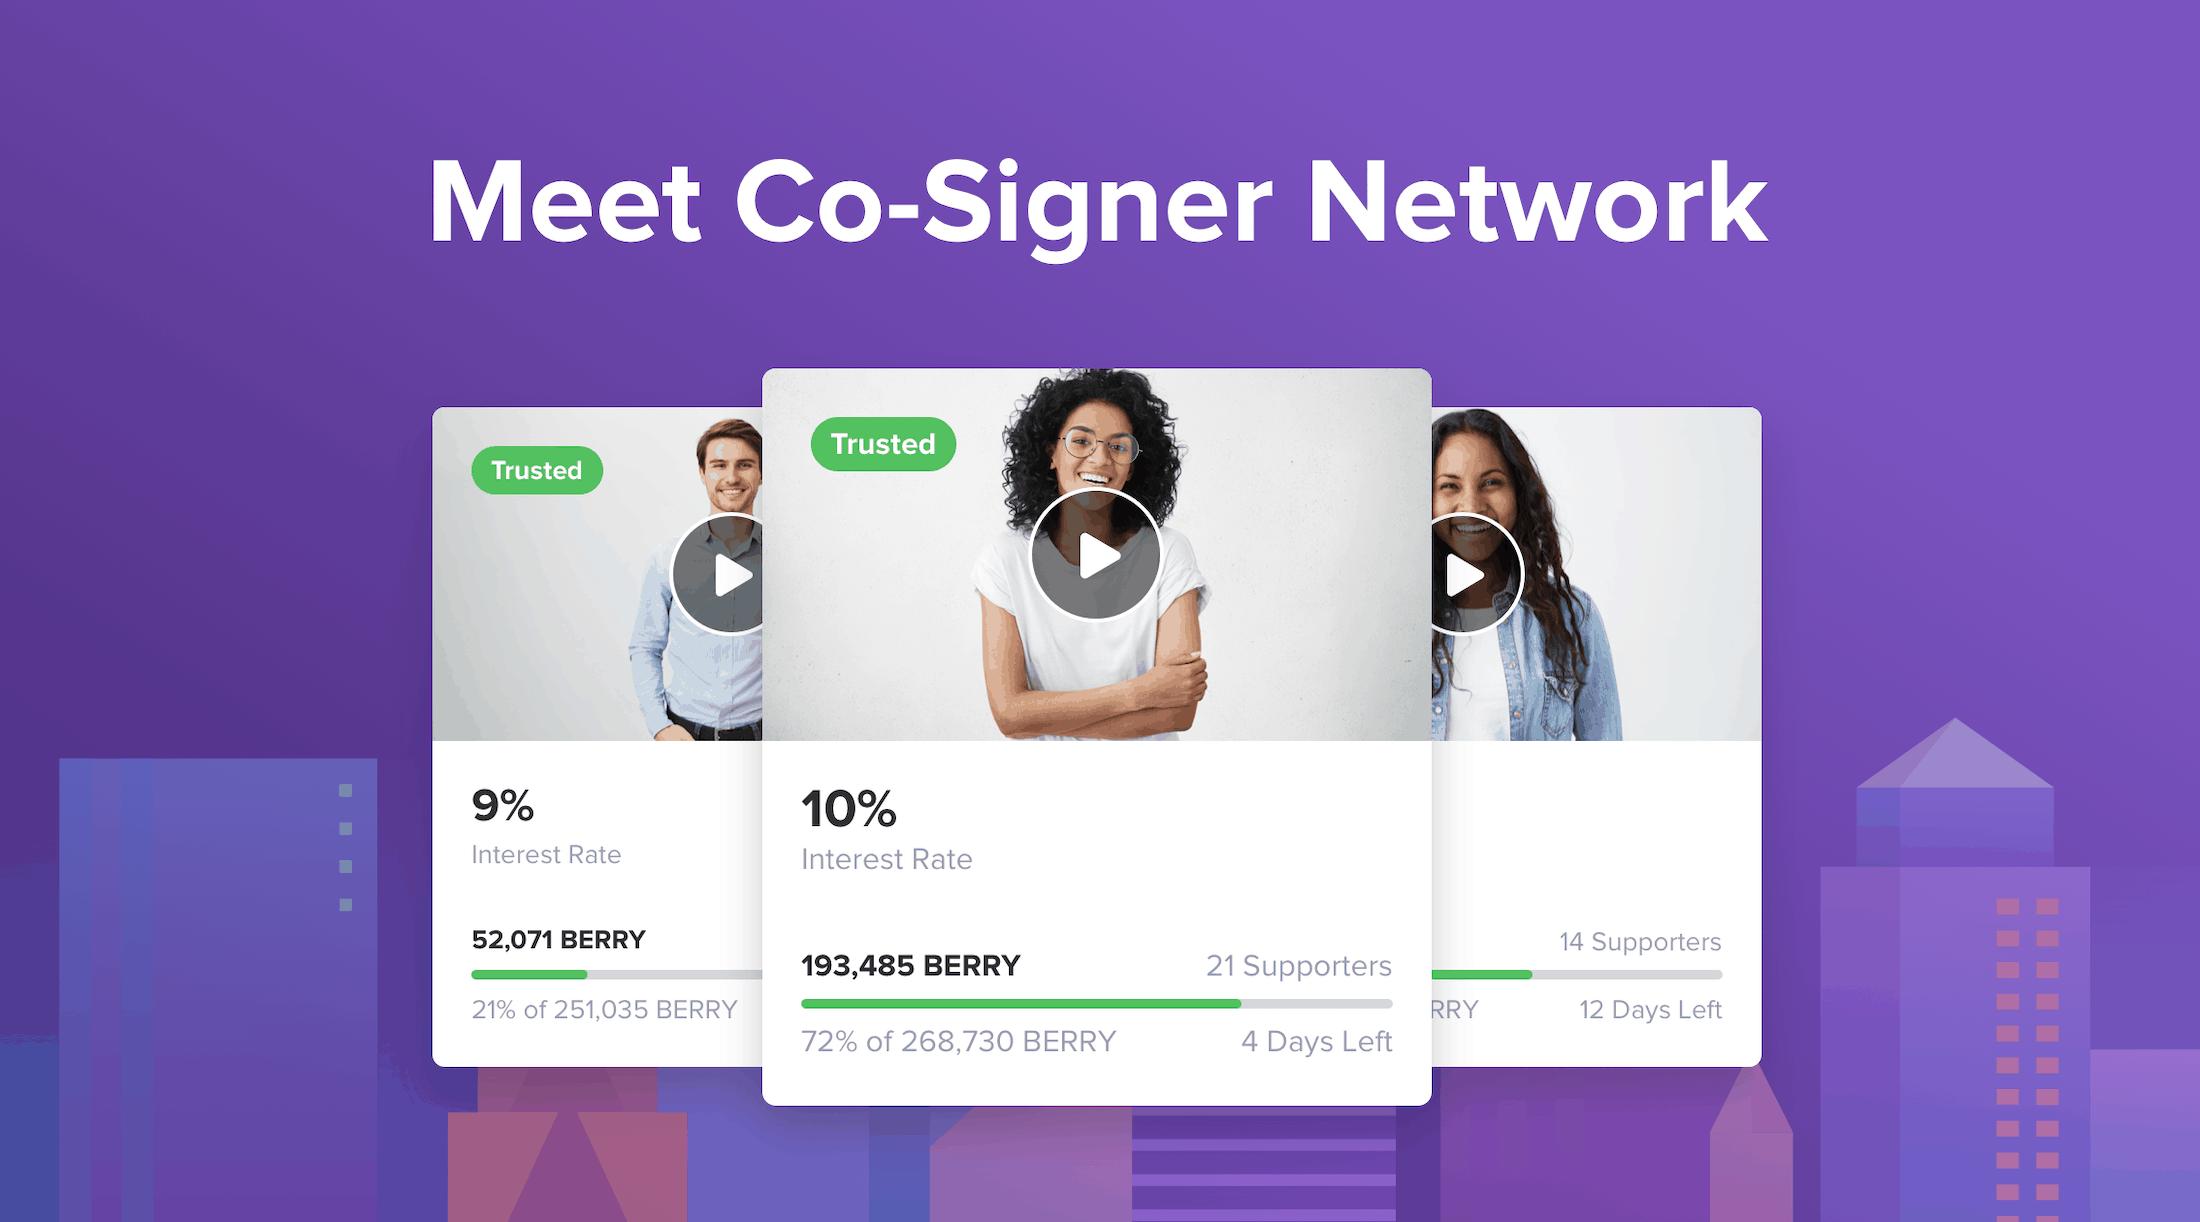 Mett Co-Signer Network